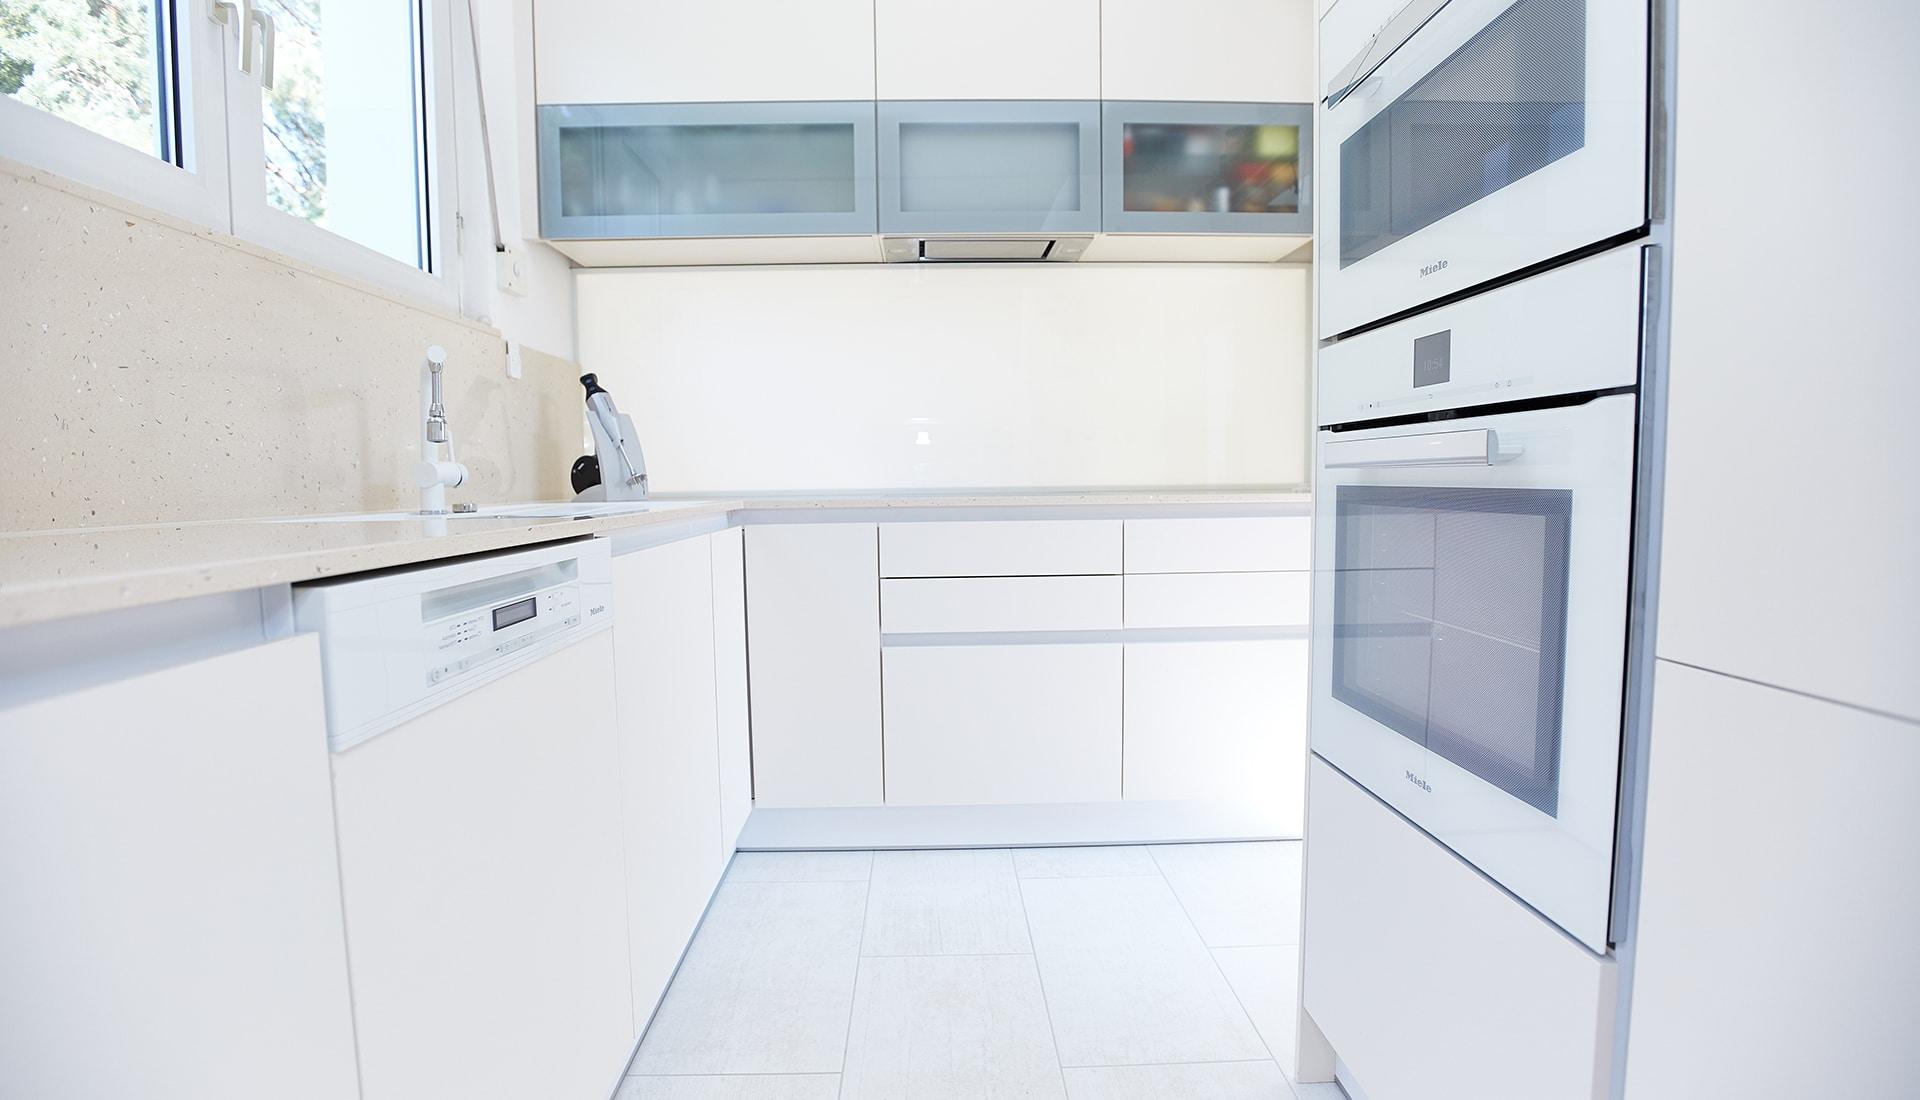 Full Size of Küche Sockelblende Holz Küche Mit Blende Sockelblende Küche Nach Maß Küche Sockelblende Ahorn Küche Küche Blende